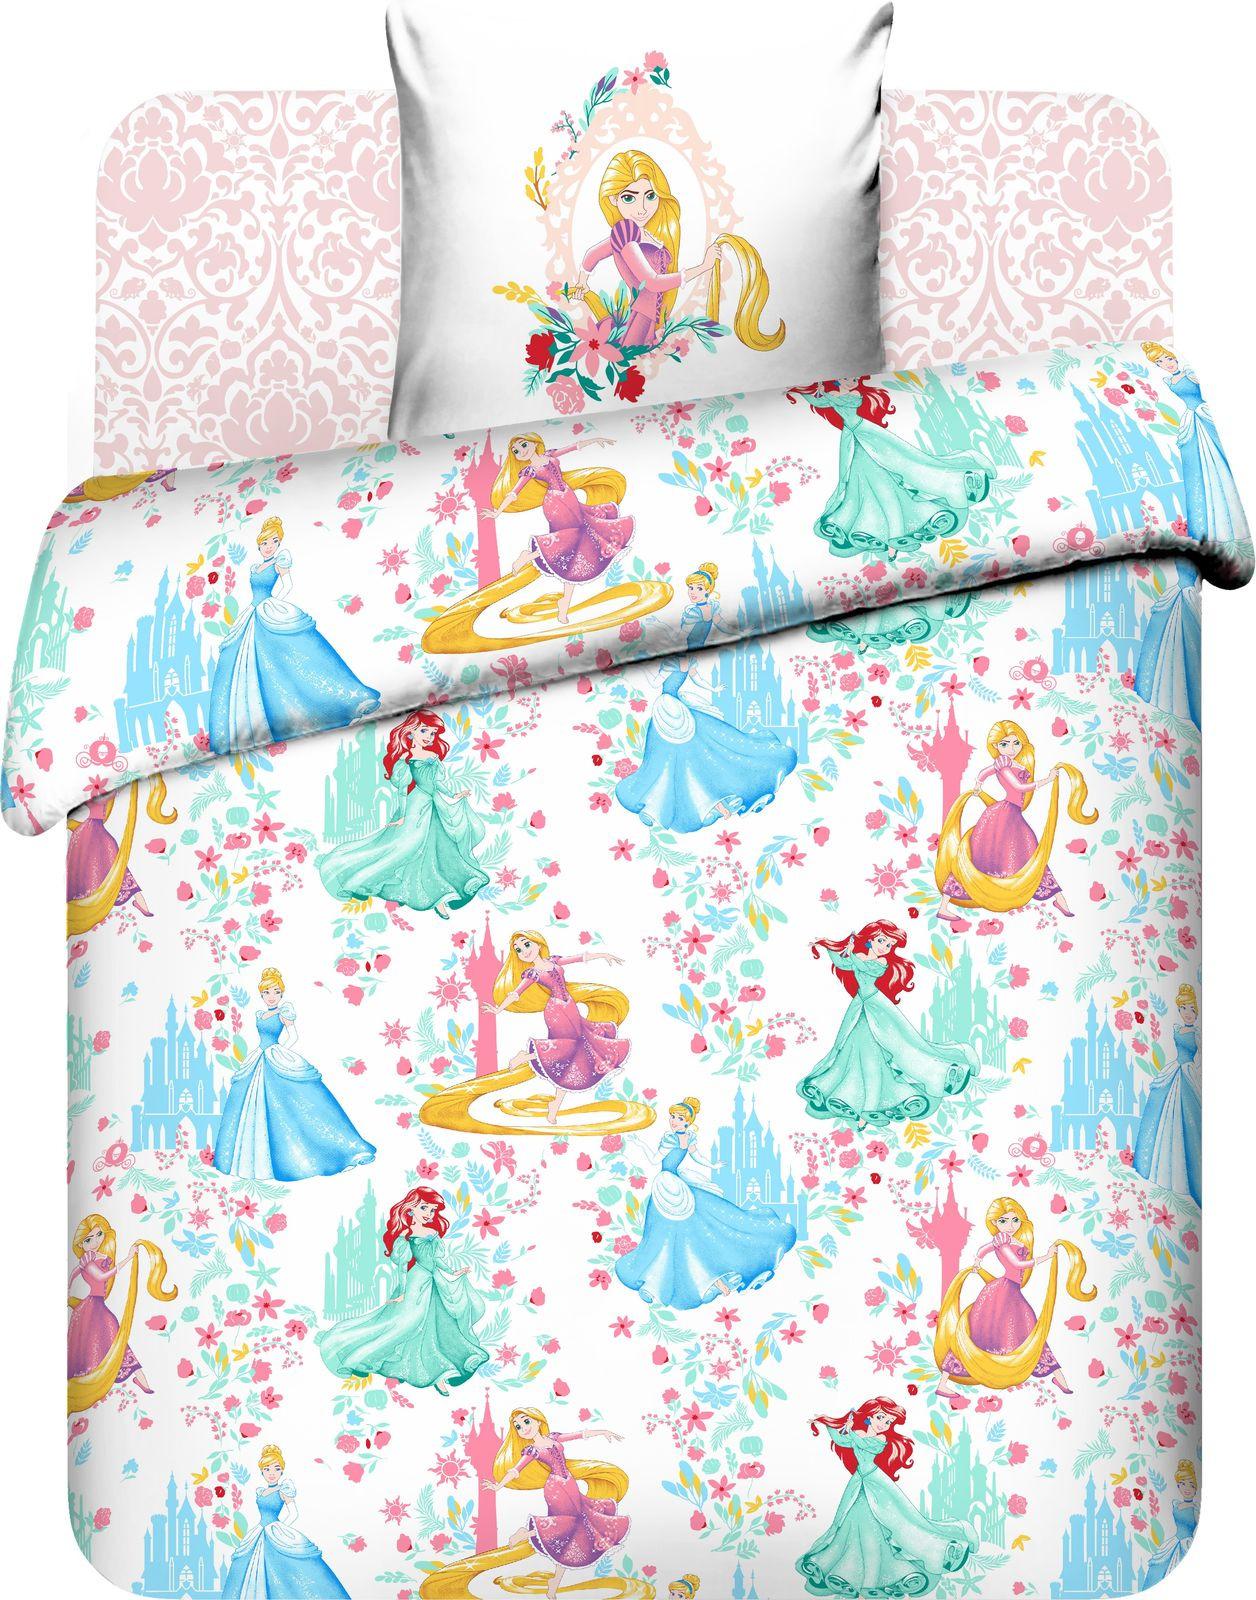 Комплект постельного белья Василек Тинейджер Disney, 188866, 1,5 спальный, наволочки 70x70, розовый комплект белья василек дискавери 1 5 спальный наволочки 70x70 цвет разноцветный 7616 1